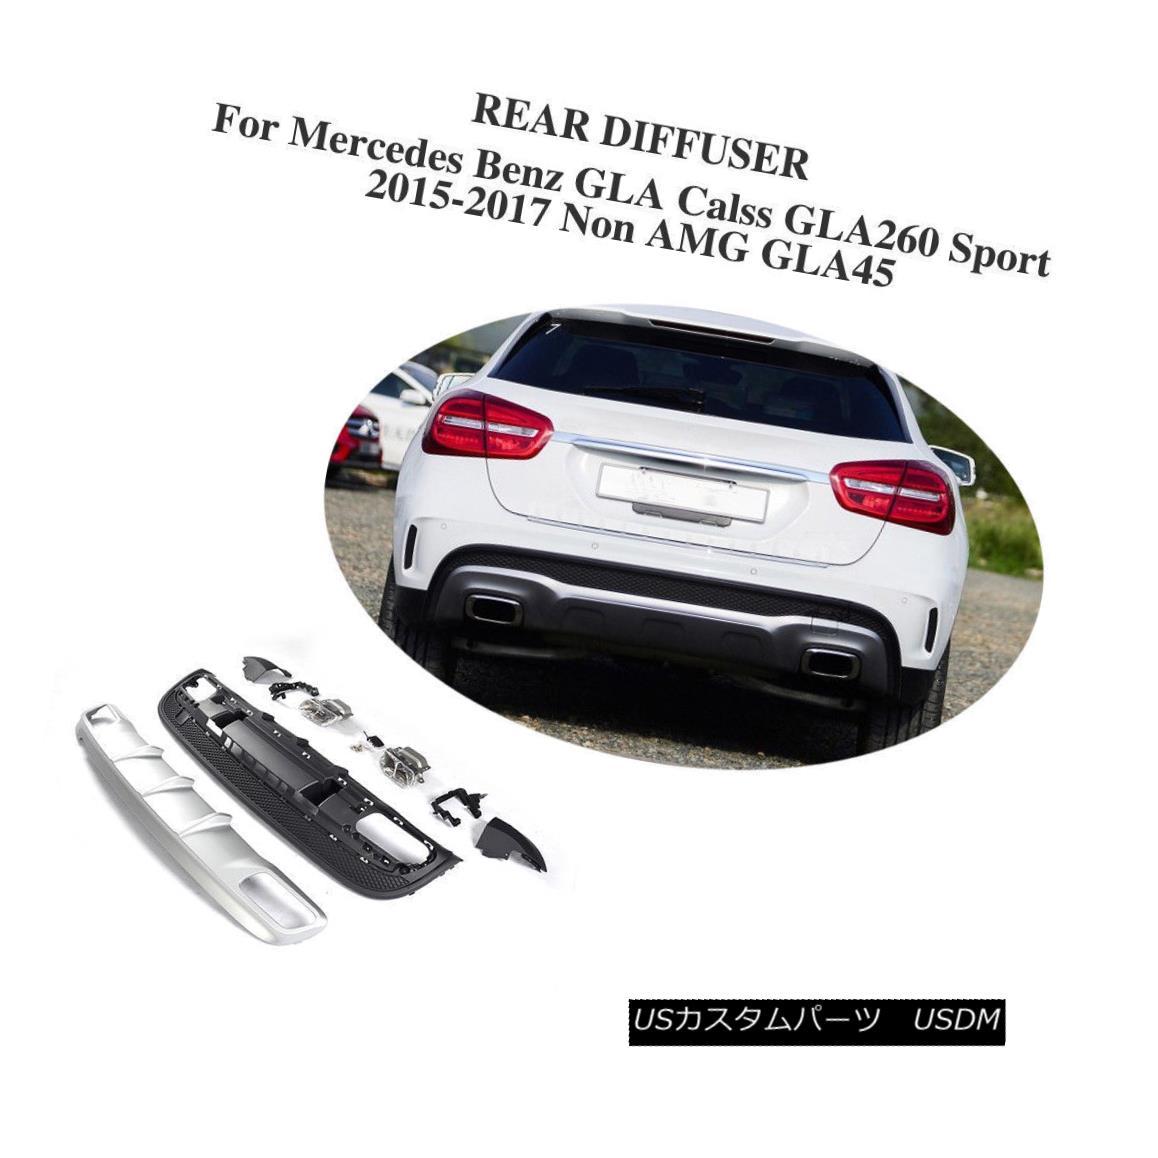 エアロパーツ Rear Bumper With Diffuser PP With Exhaust Rear Pipe PP For Benz GLA200 GLA 250 Sport 15-17 ベンツGLA200 GLA 250スポーツ15-17のための排気管PPのリアバンパーディフューザー, 西之表市:c9f93b86 --- officewill.xsrv.jp